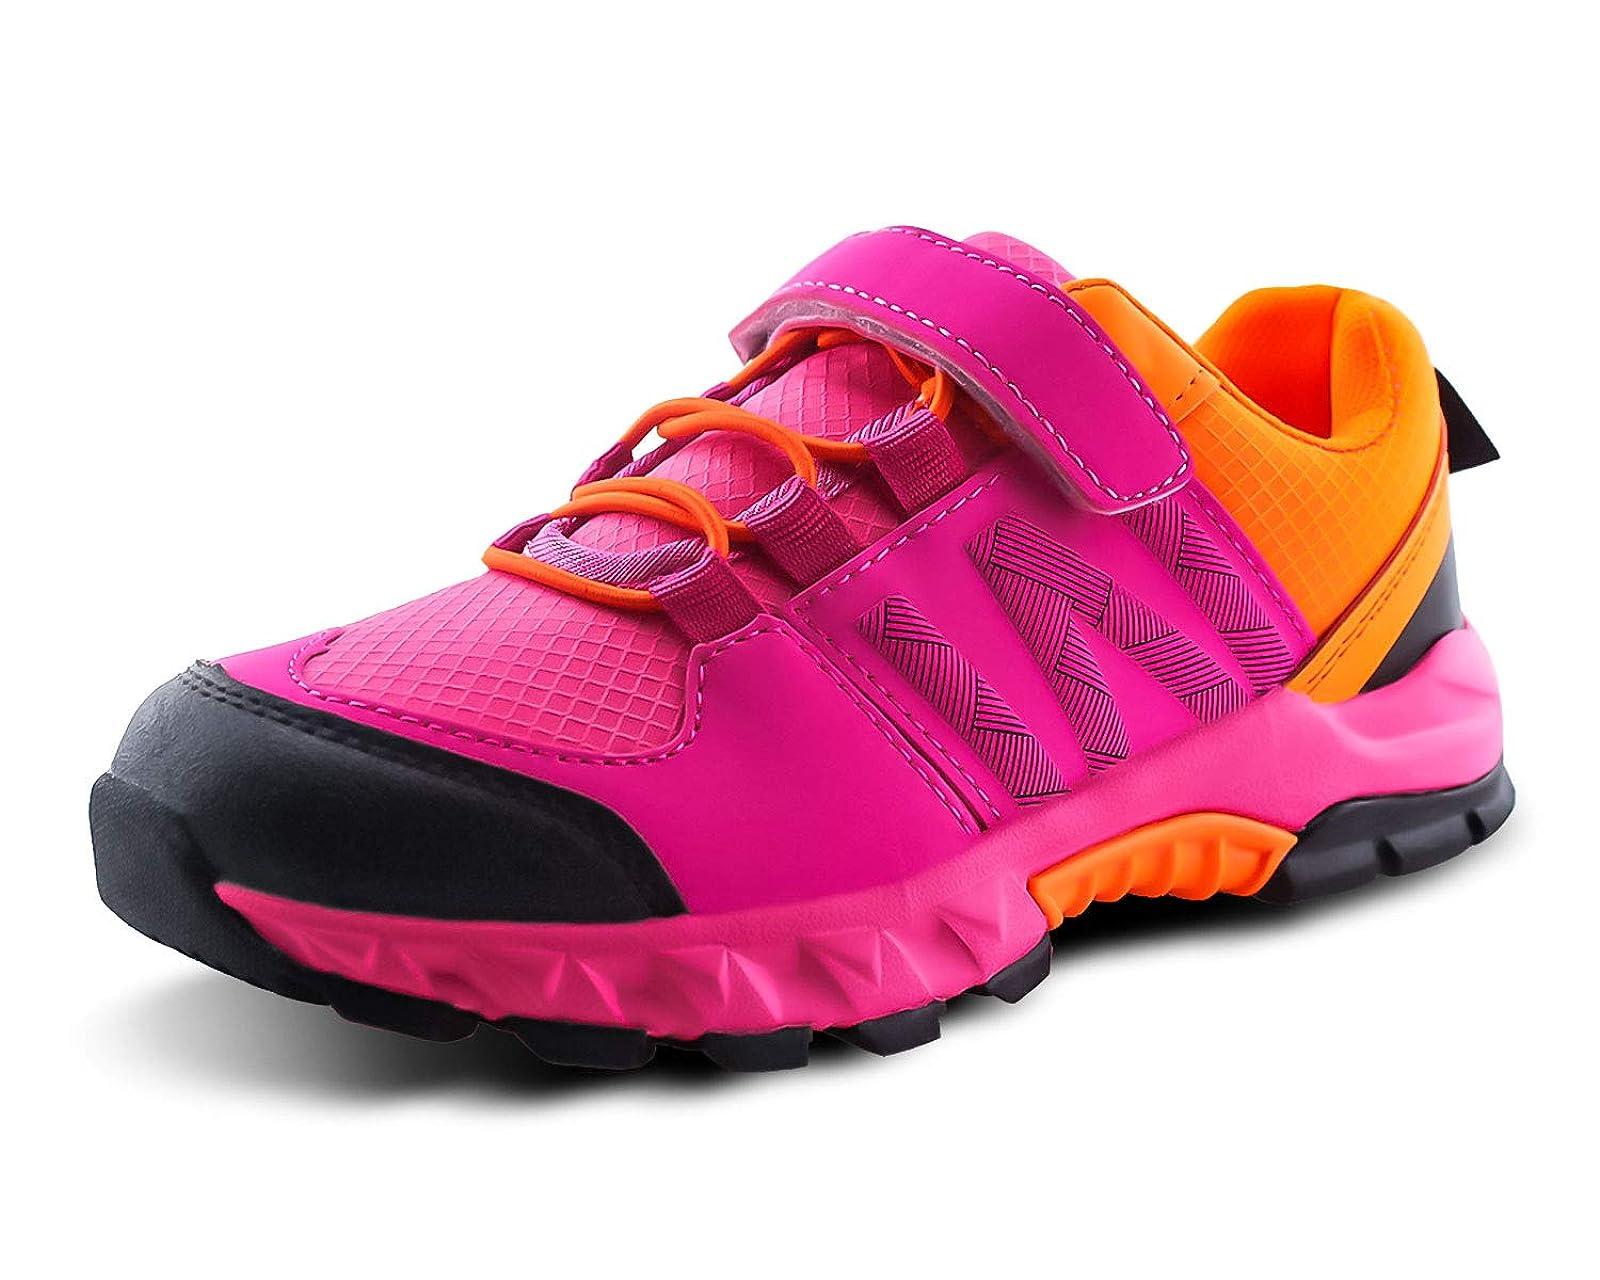 Jabasic Kids Hiking Shoes Outdoor Adventure Athletic ST4391 - 1